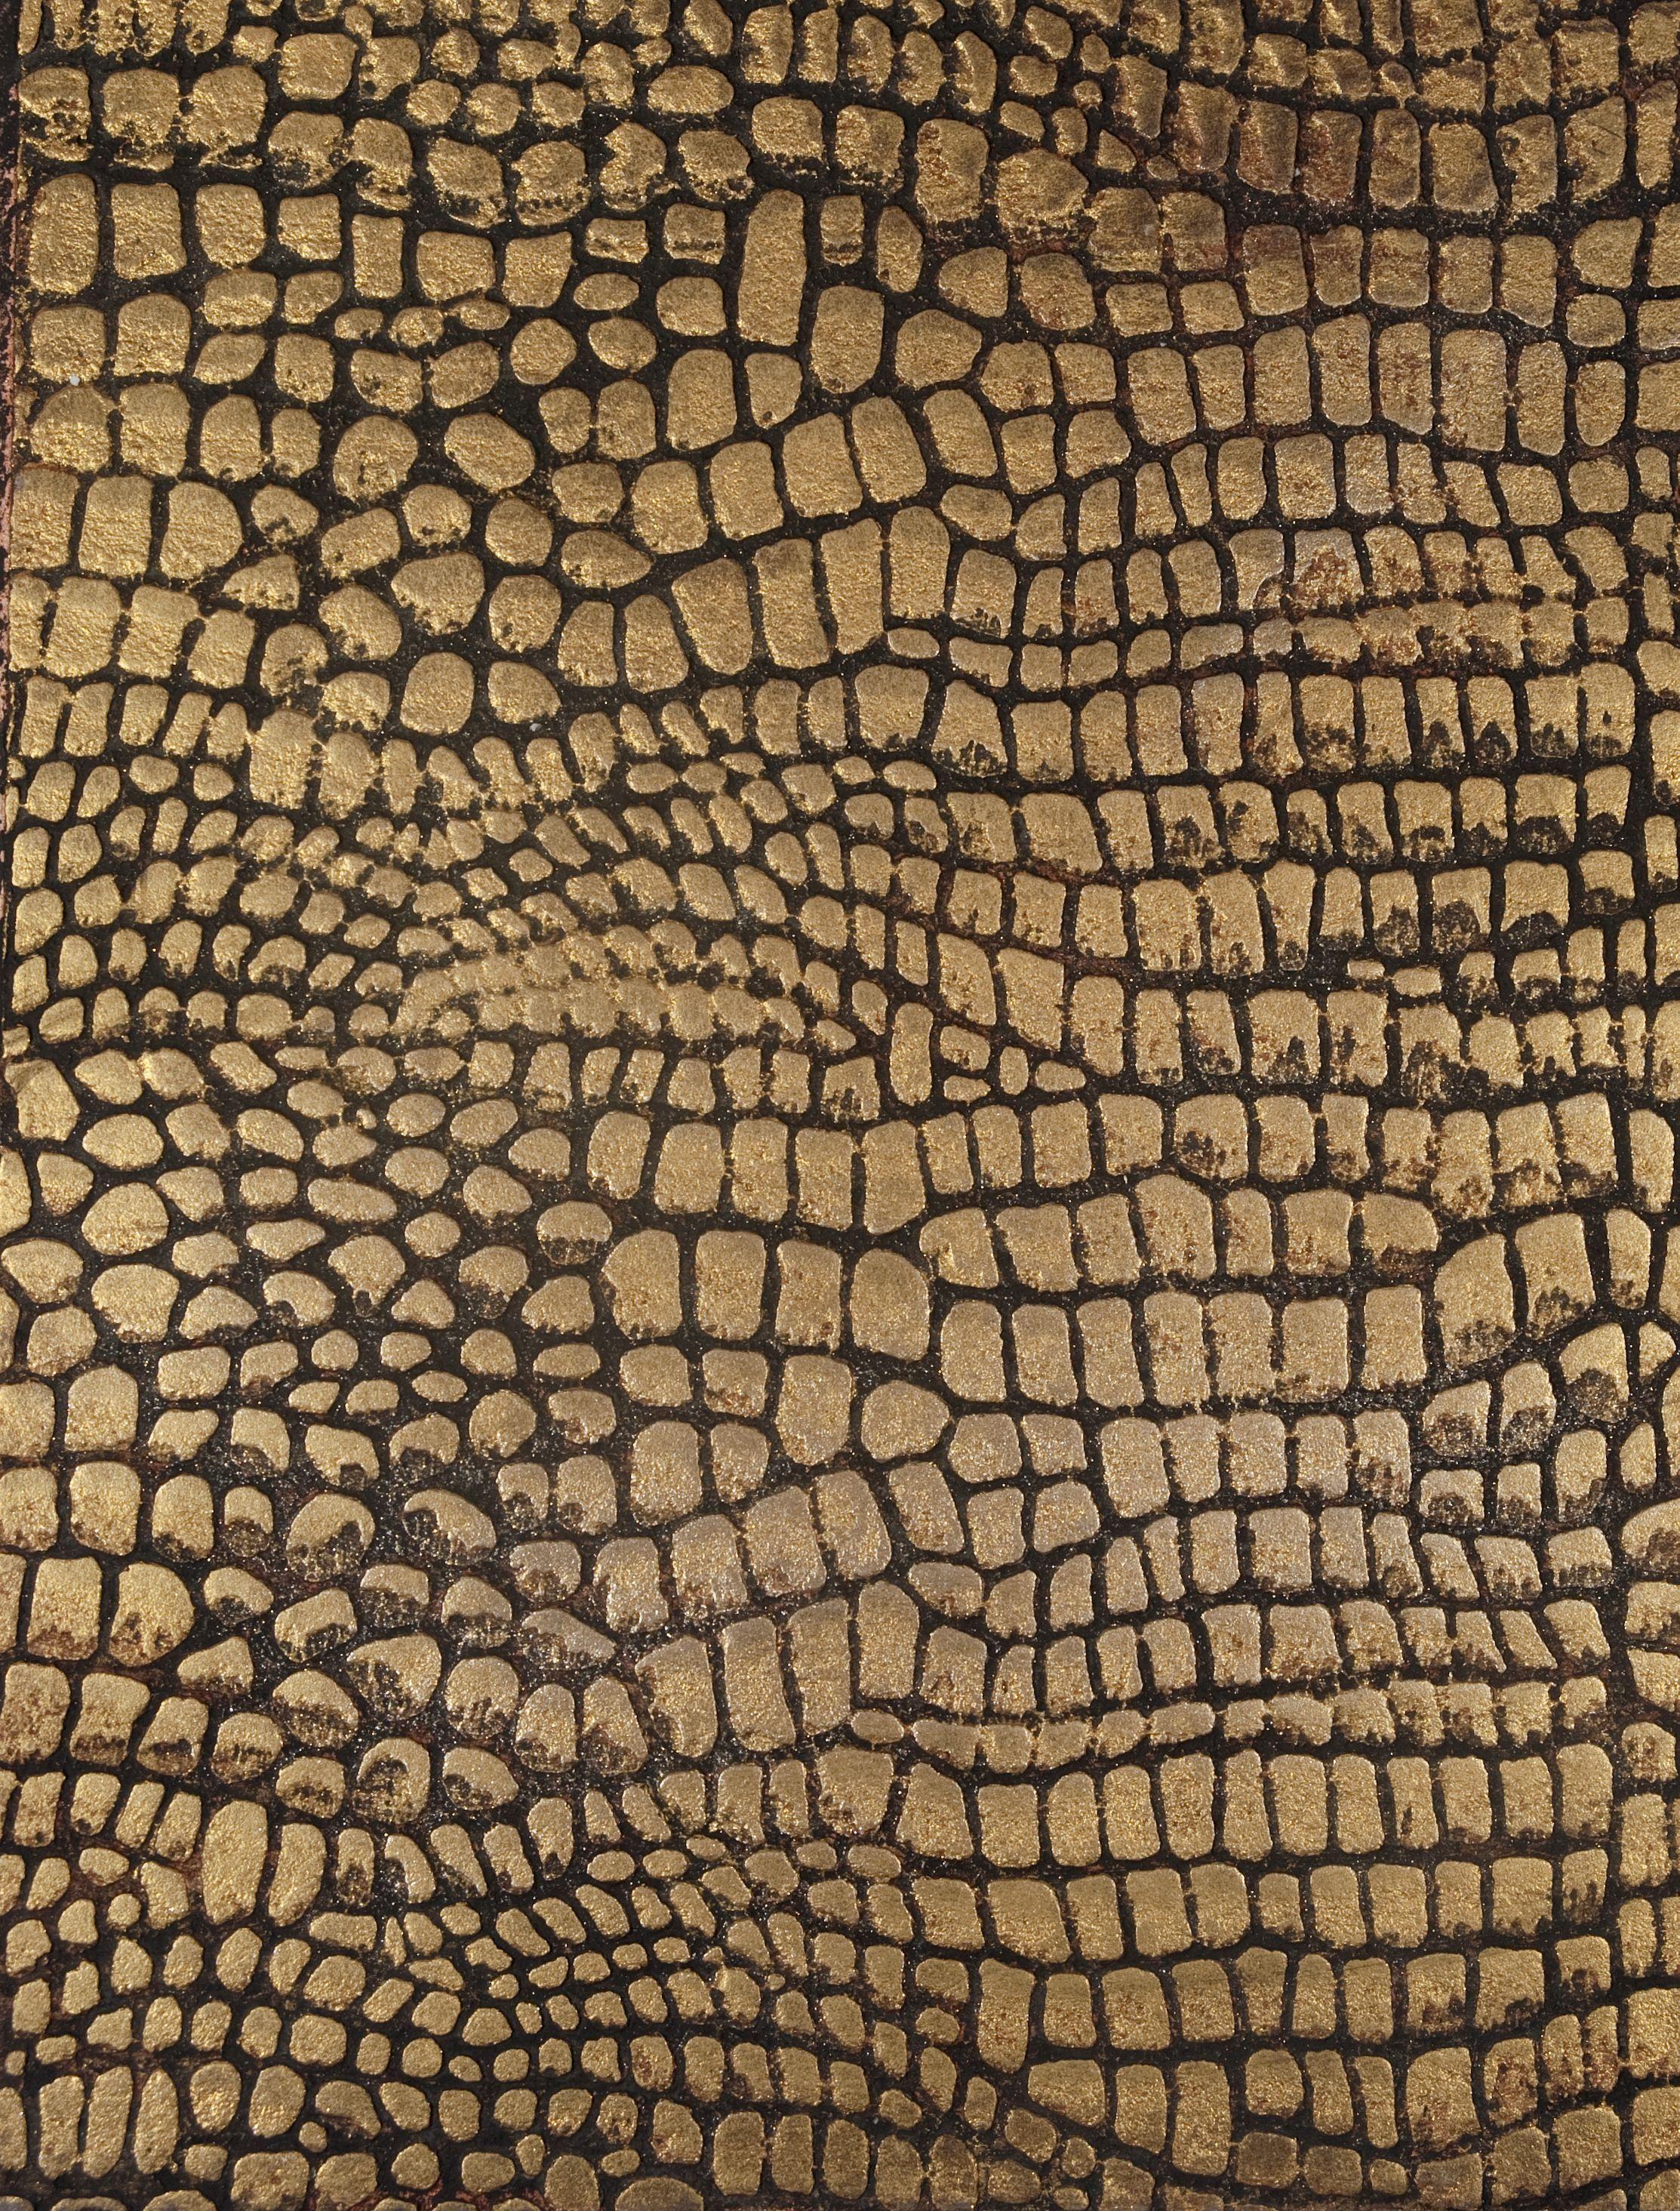 рисунок кожи крокодила бассейн, которым